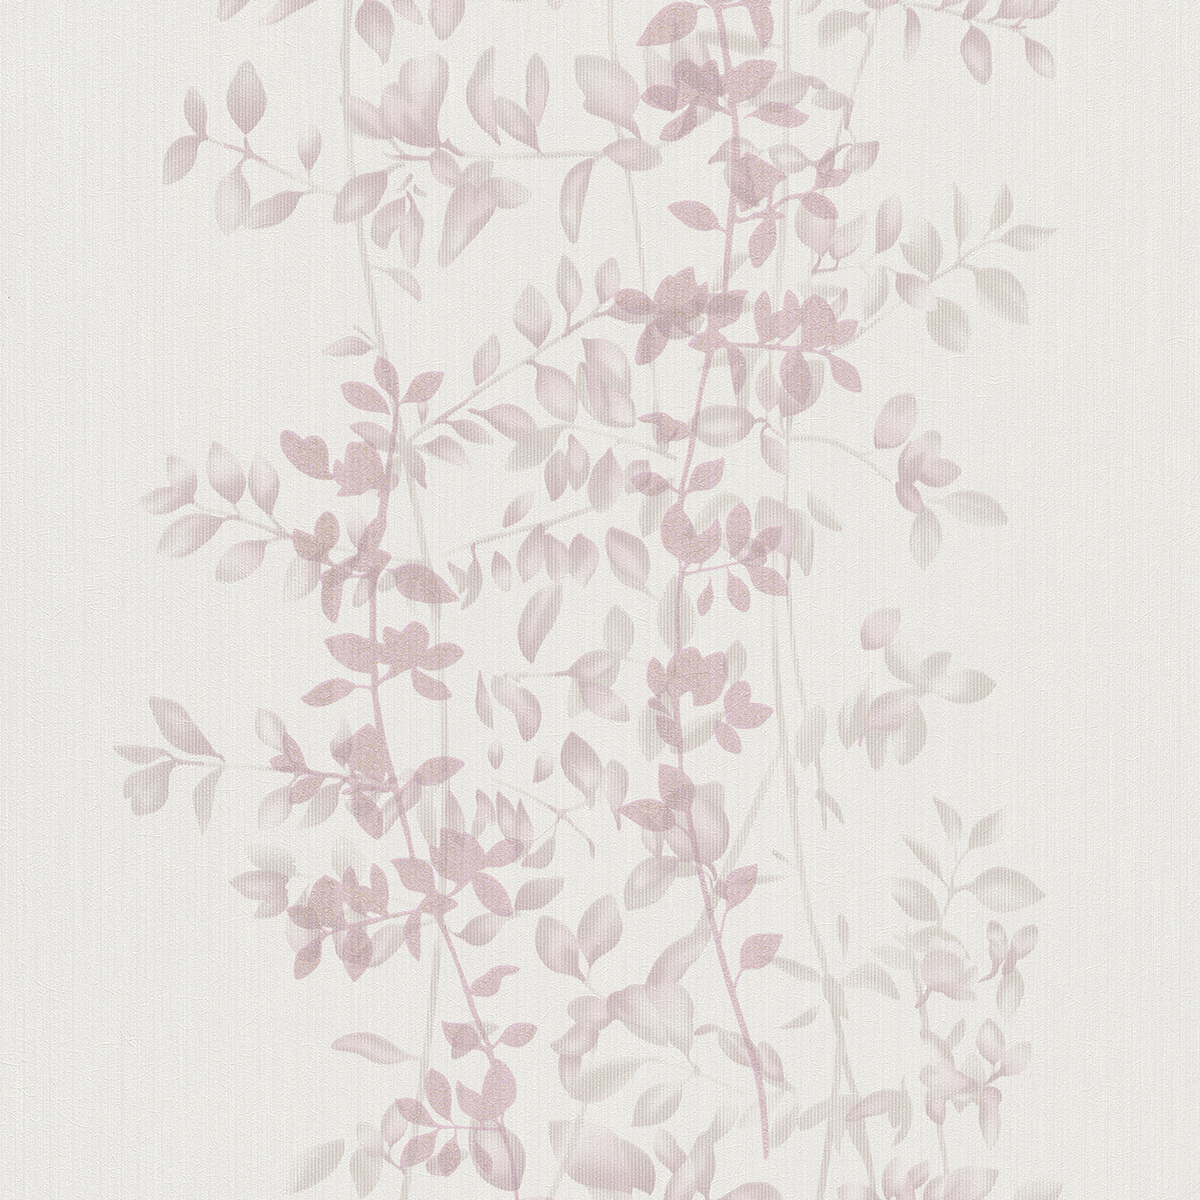 тапет Фешън 4Уолс розови клонки бяло